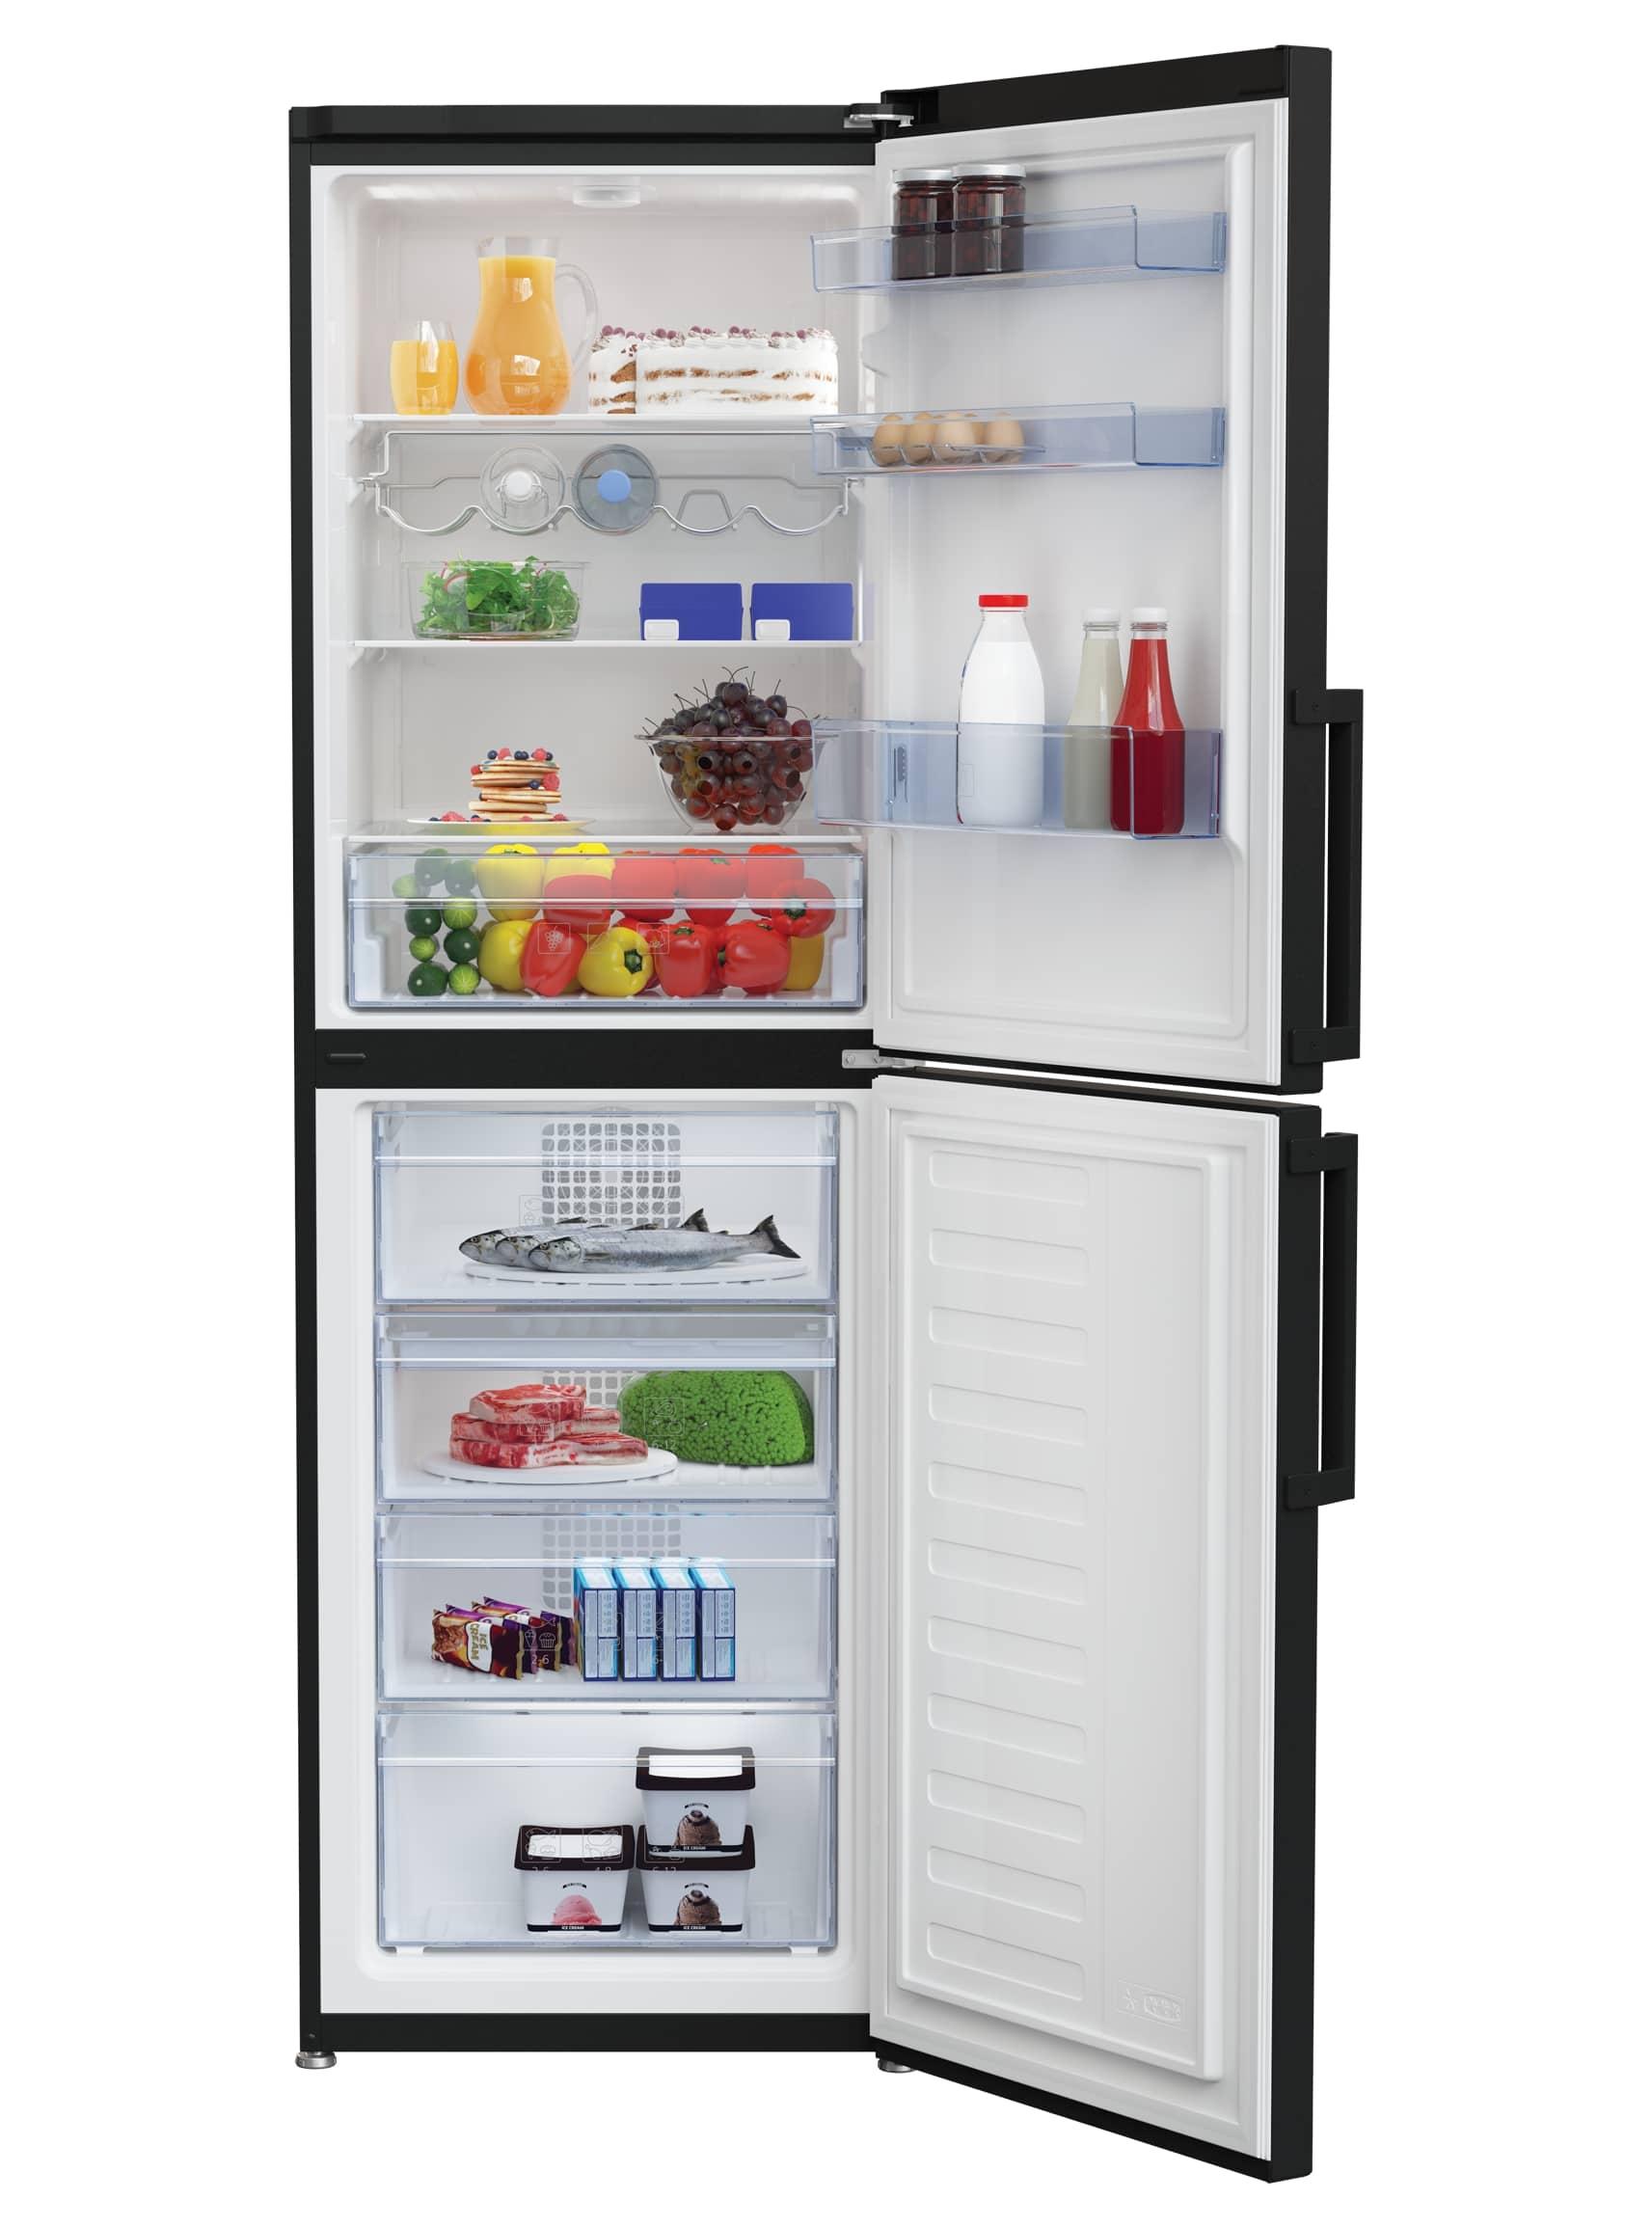 Beko Cfp1691b Fridge Freezer Direct Discounts Kitchen